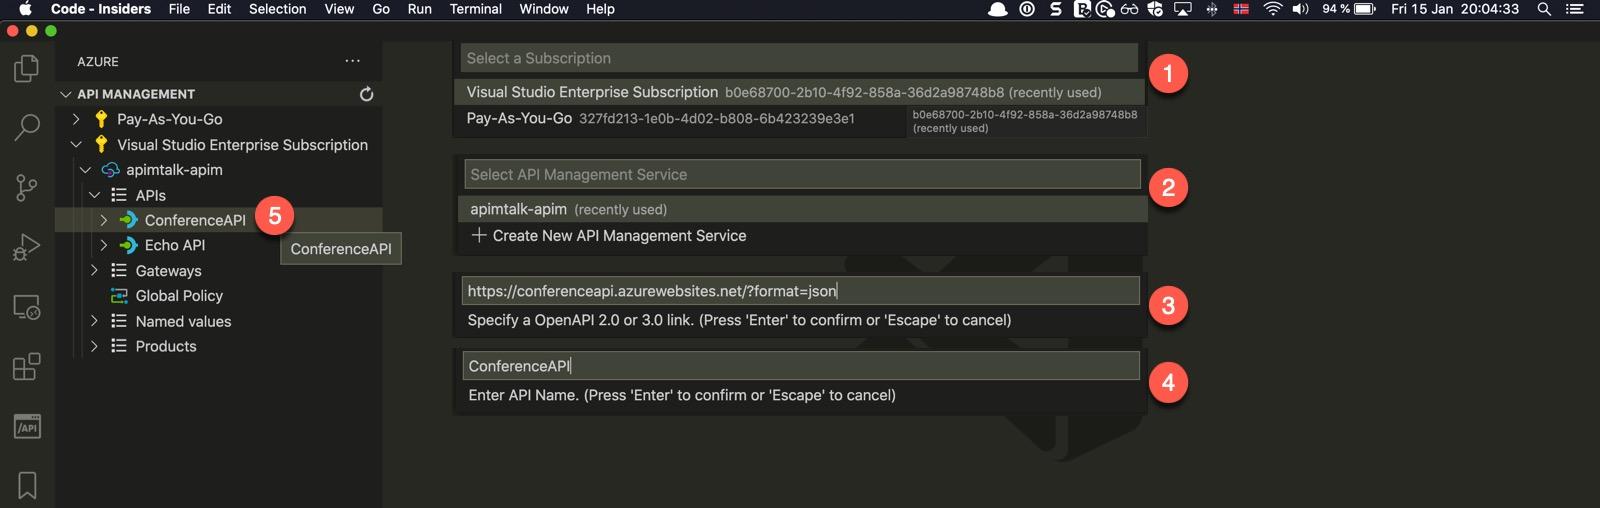 Import API from URL into Azure API Management 2